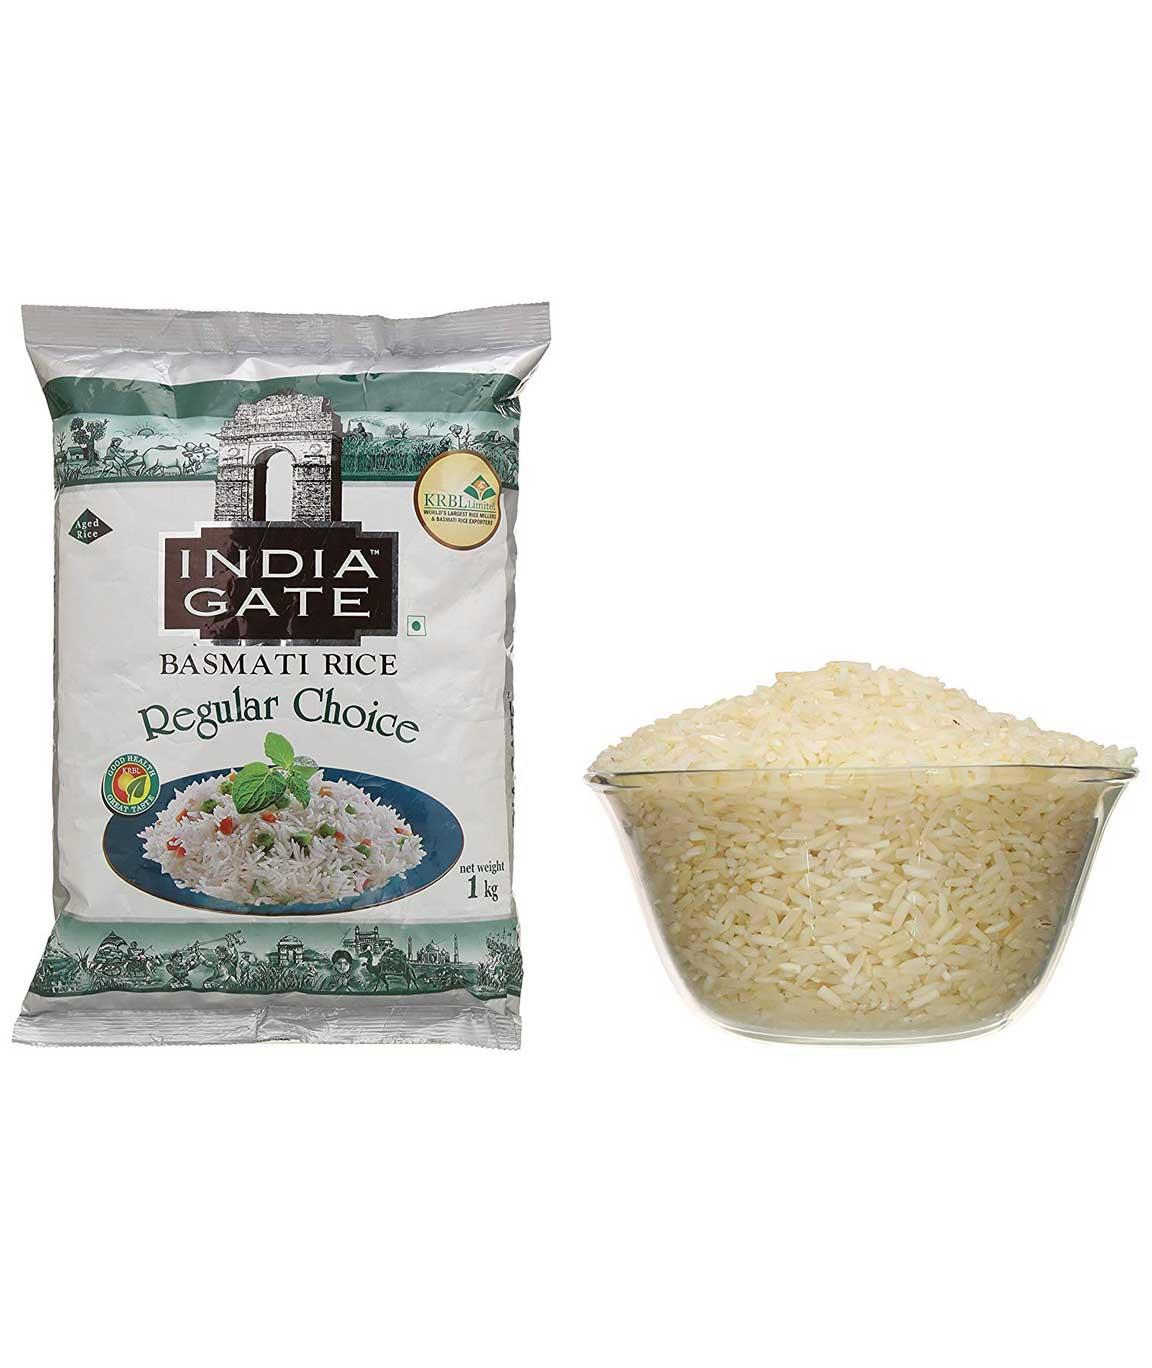 India Gate Basmati Rice, Regular Choice, 1kg